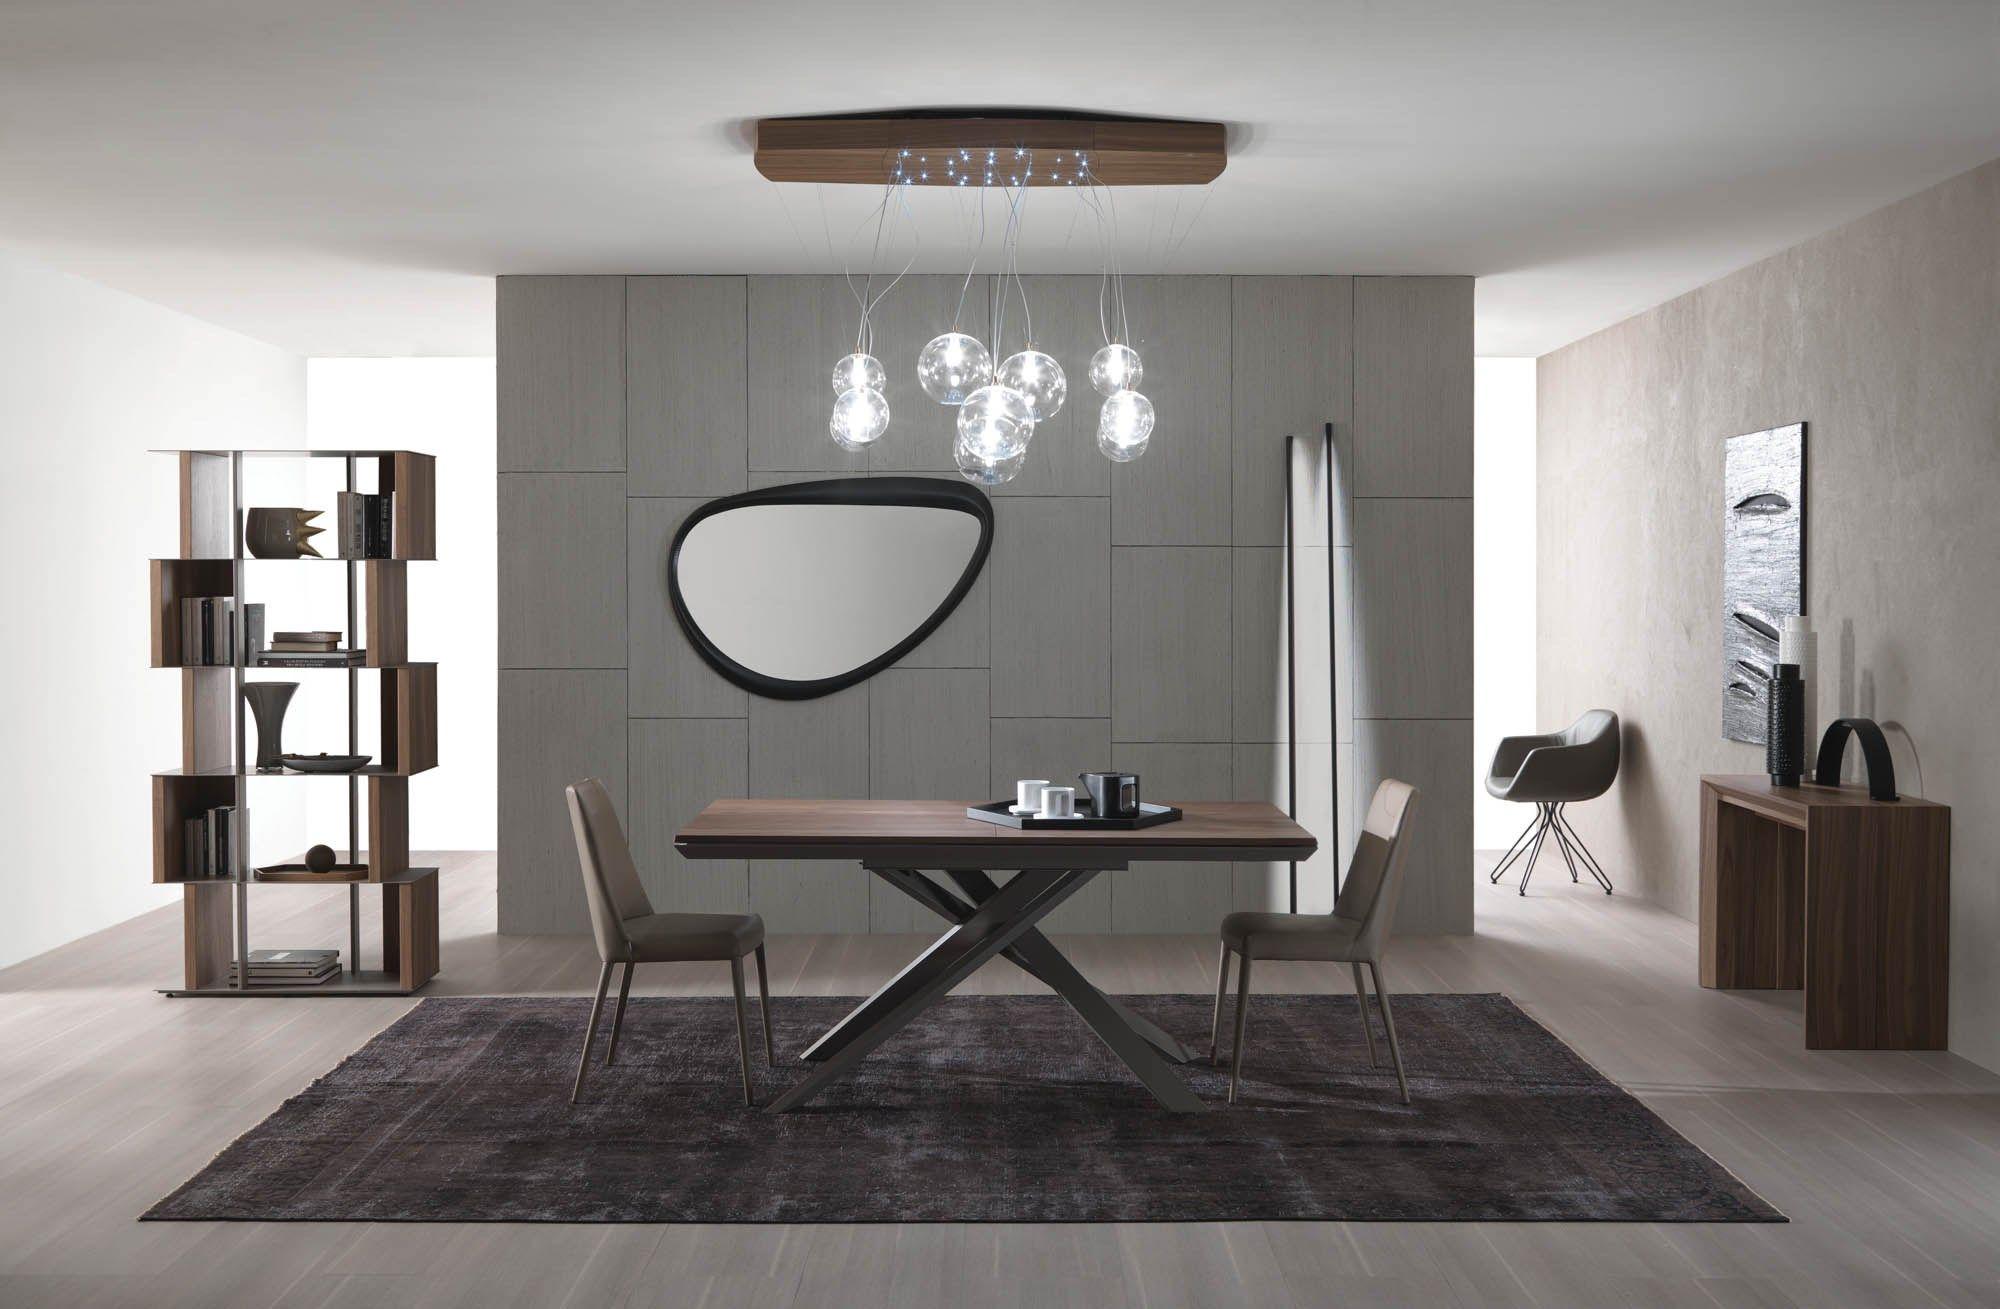 Tavolo allungabile rettangolare in legno 4X4 By Ozzio